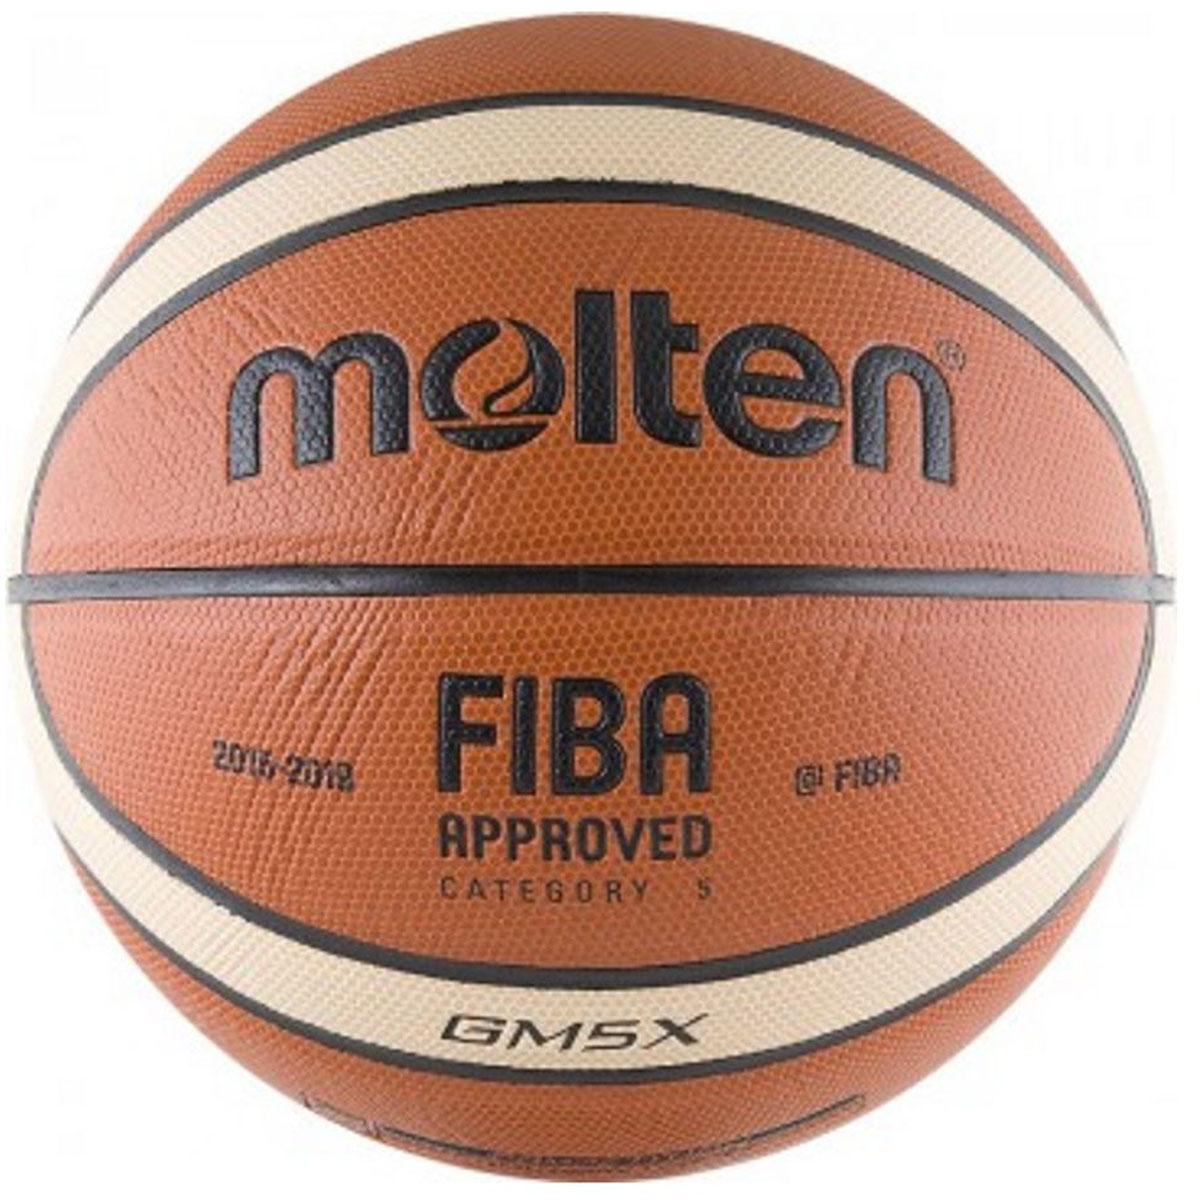 Мяч баскетбольный Molten. Размер 5. BGM5X мяч баскетбольный molten размер 5 bgm5x